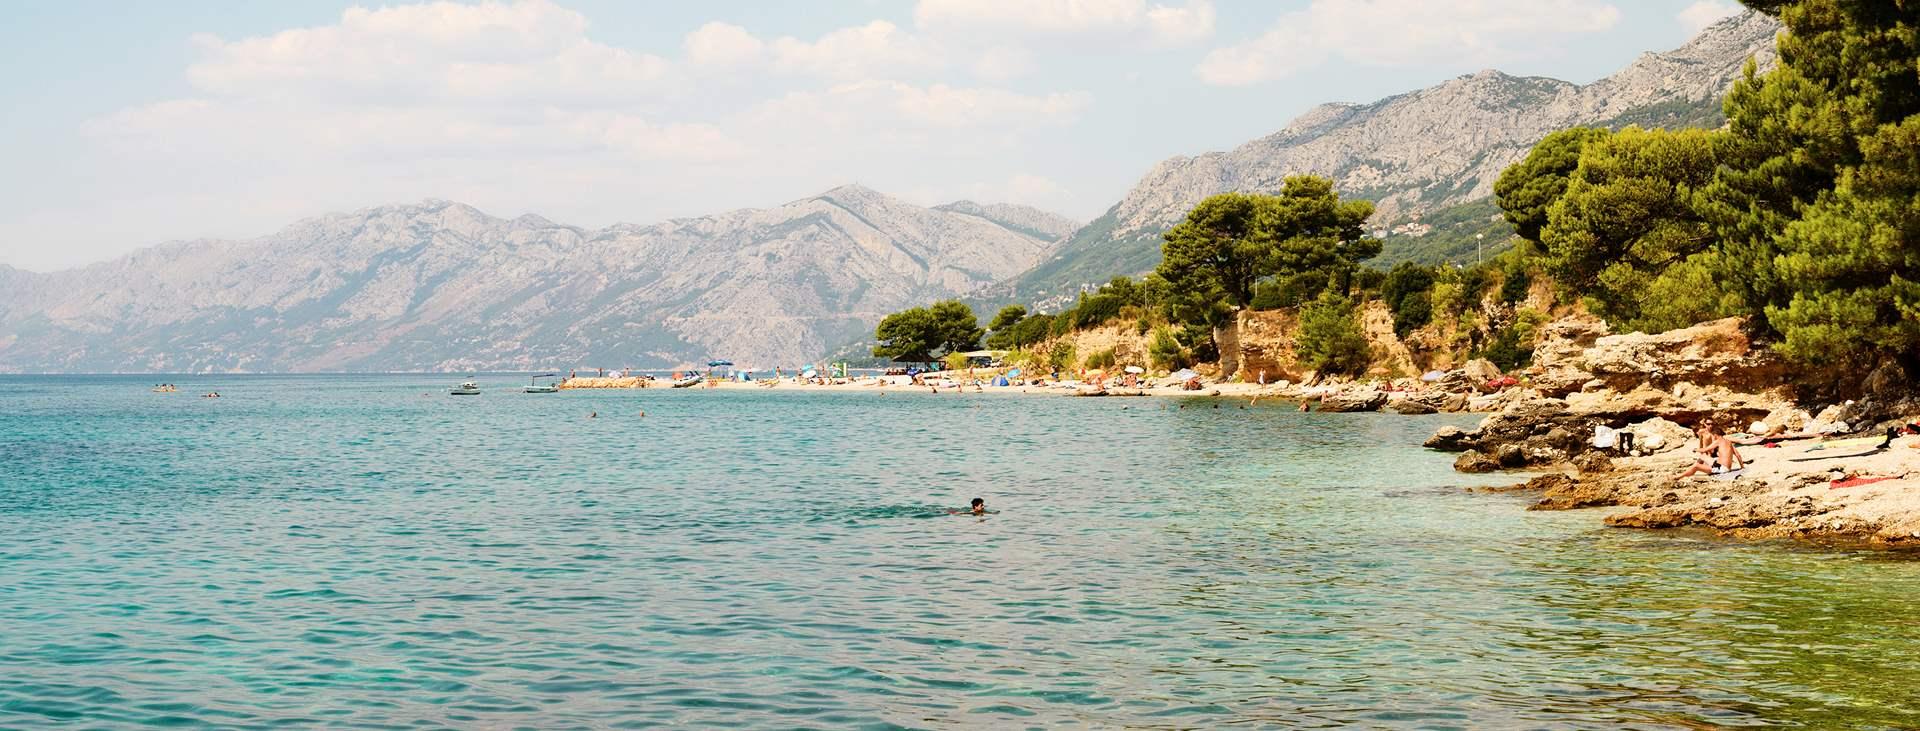 Boka din resa till Baska Voda på Makarska Rivieran med Ving